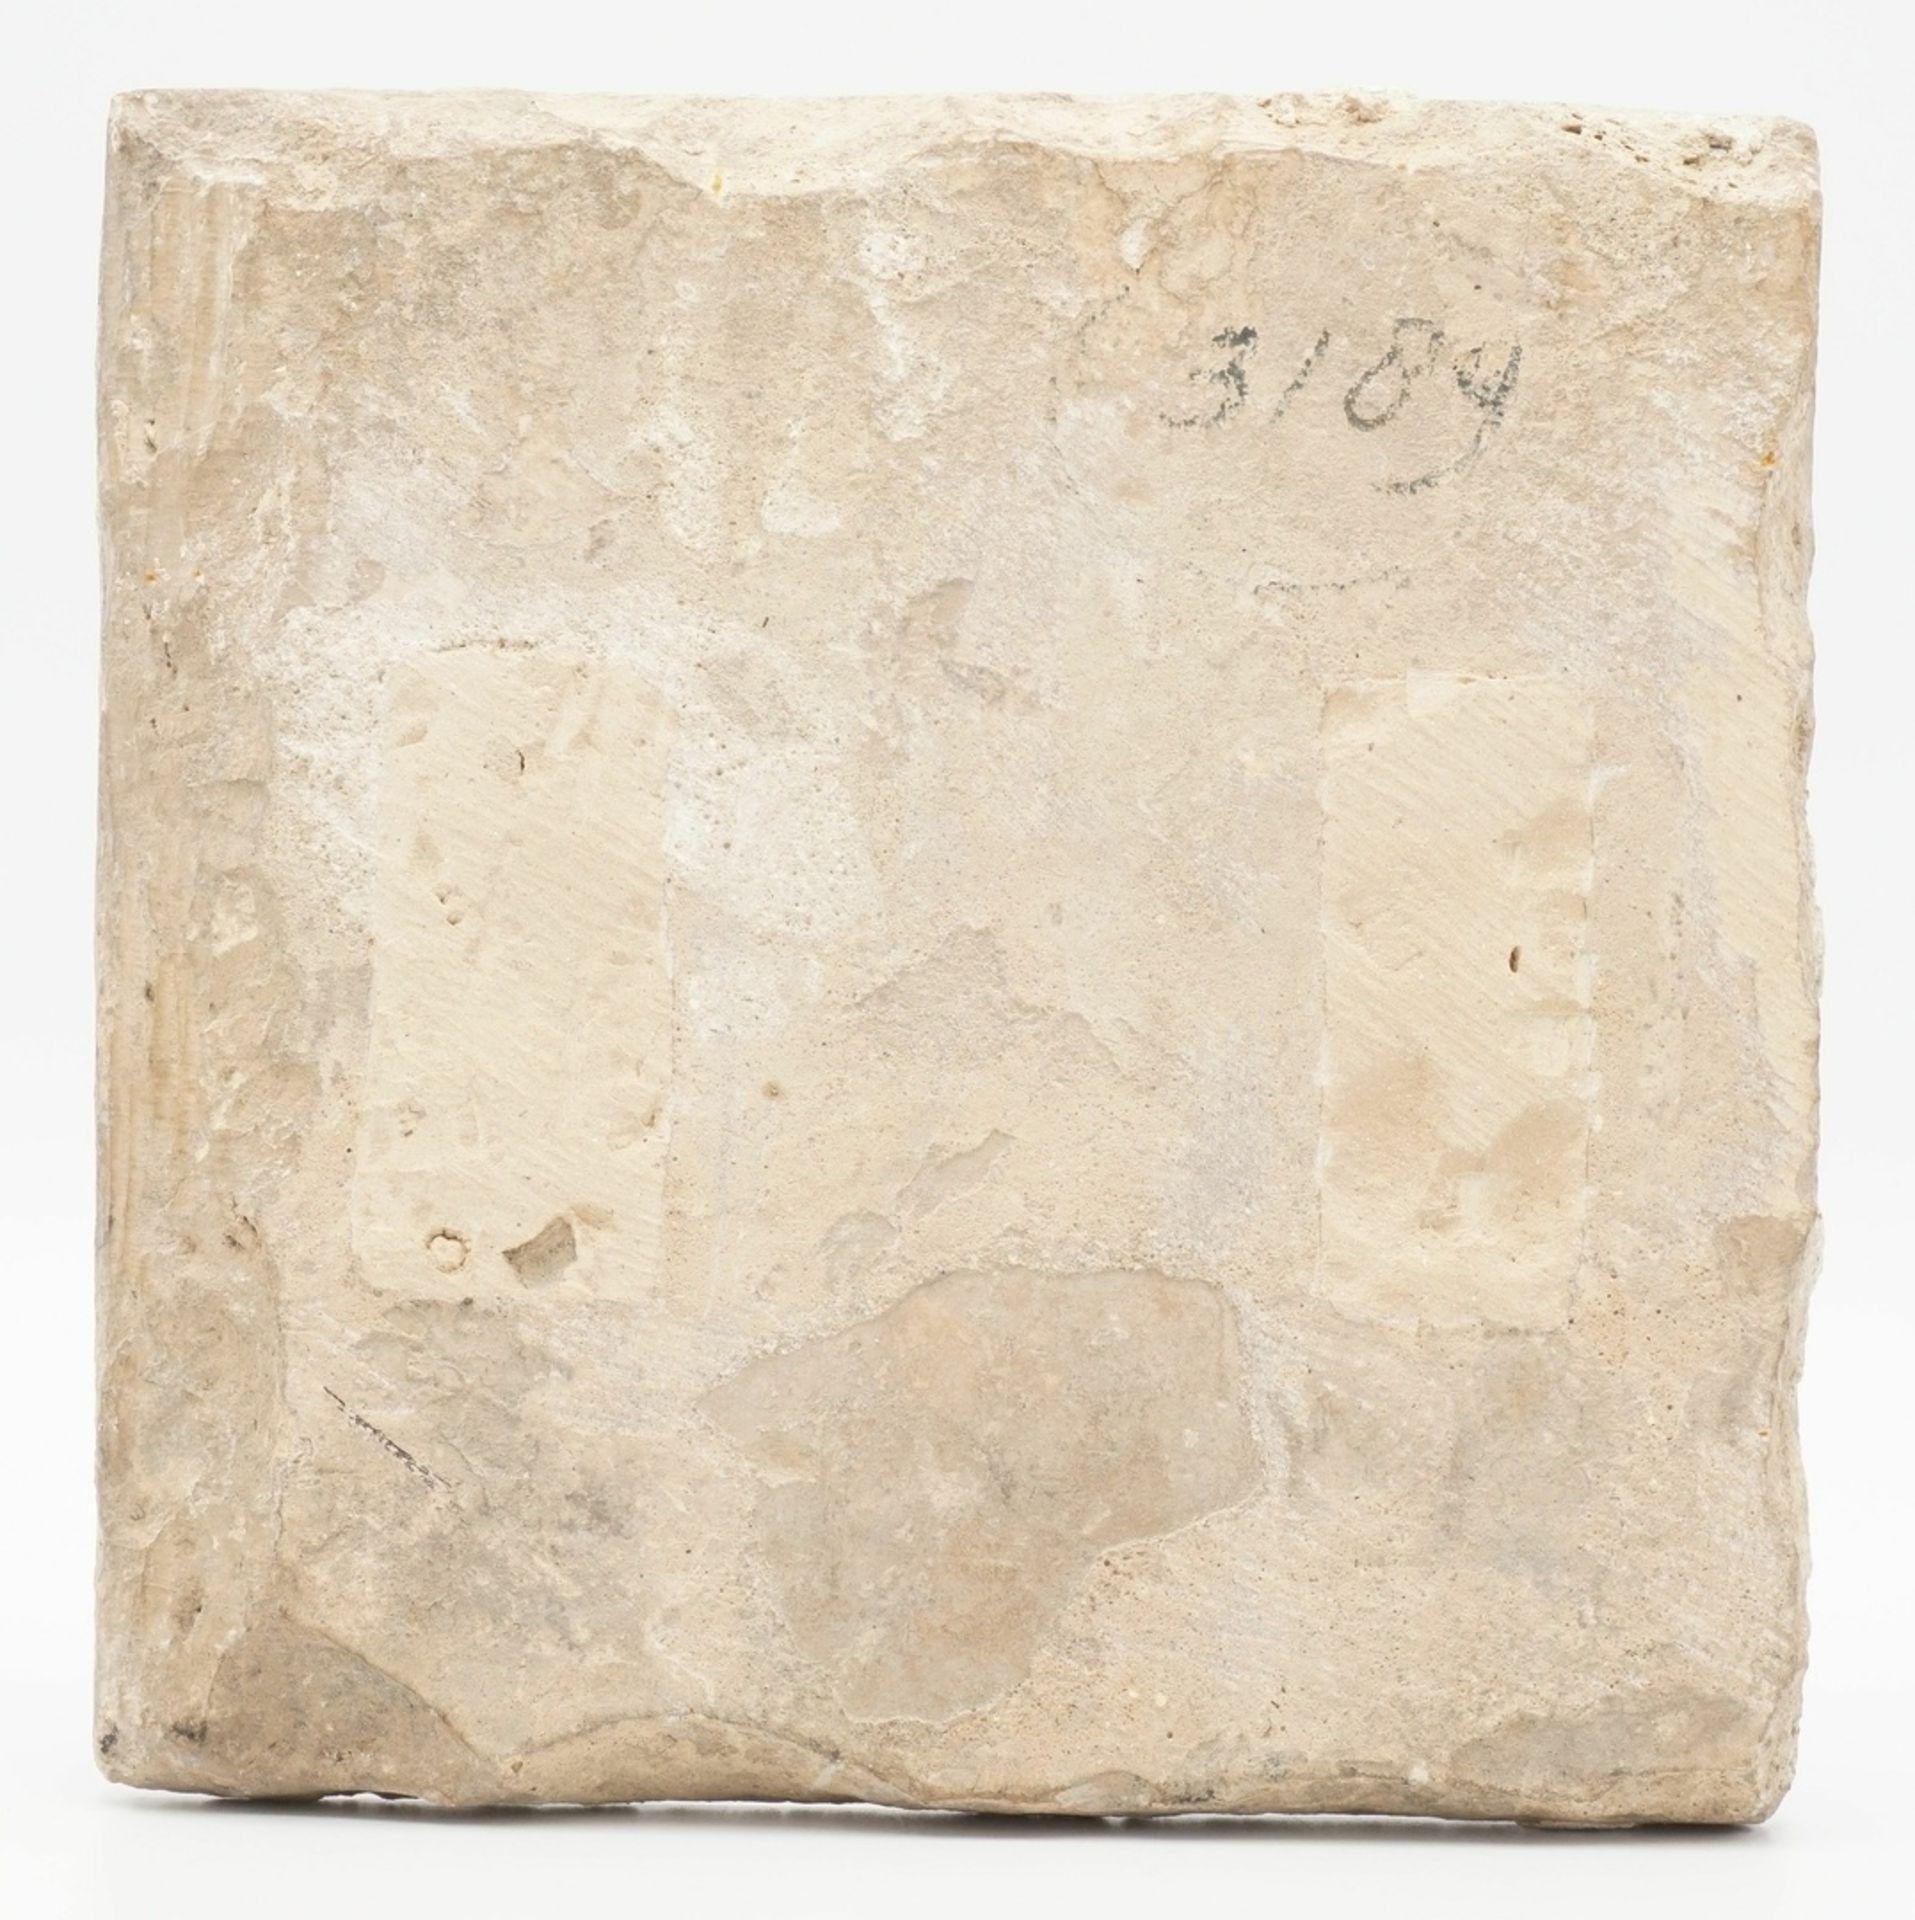 Polychrome Fliese, wohl Persien, 18. Jh. - Bild 2 aus 2